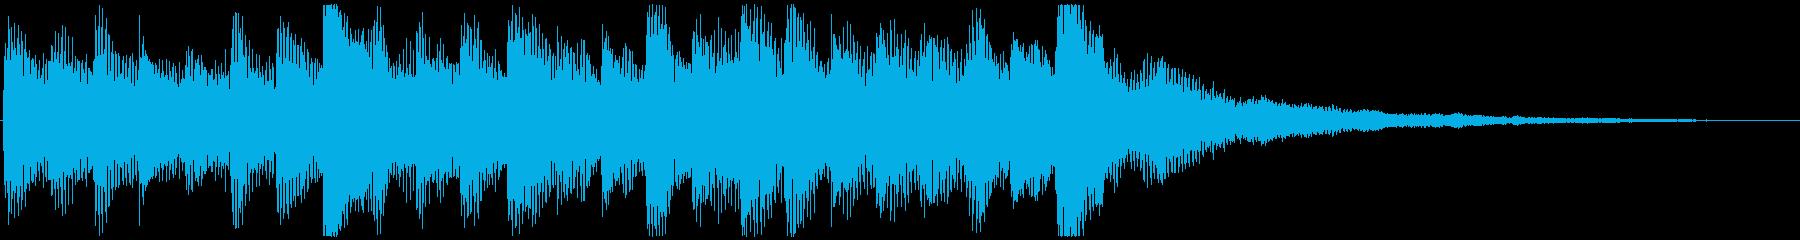 駆け出す ピアノ&サウンドエフェクトの再生済みの波形